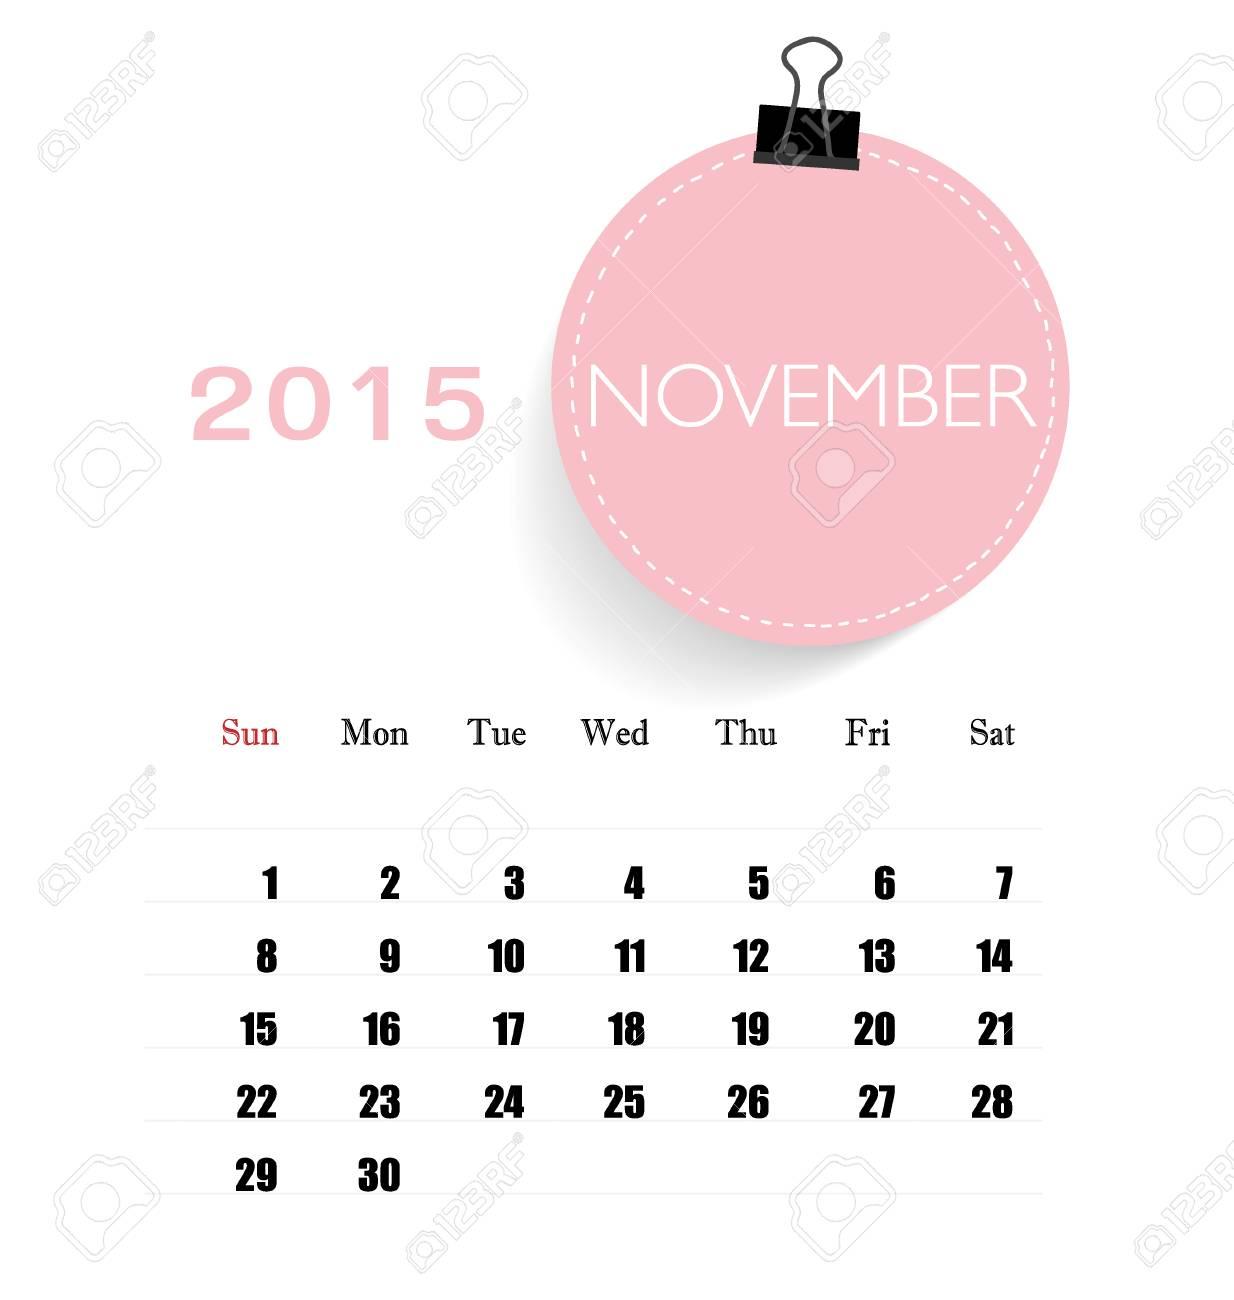 November Calendar Template 2015 from previews.123rf.com